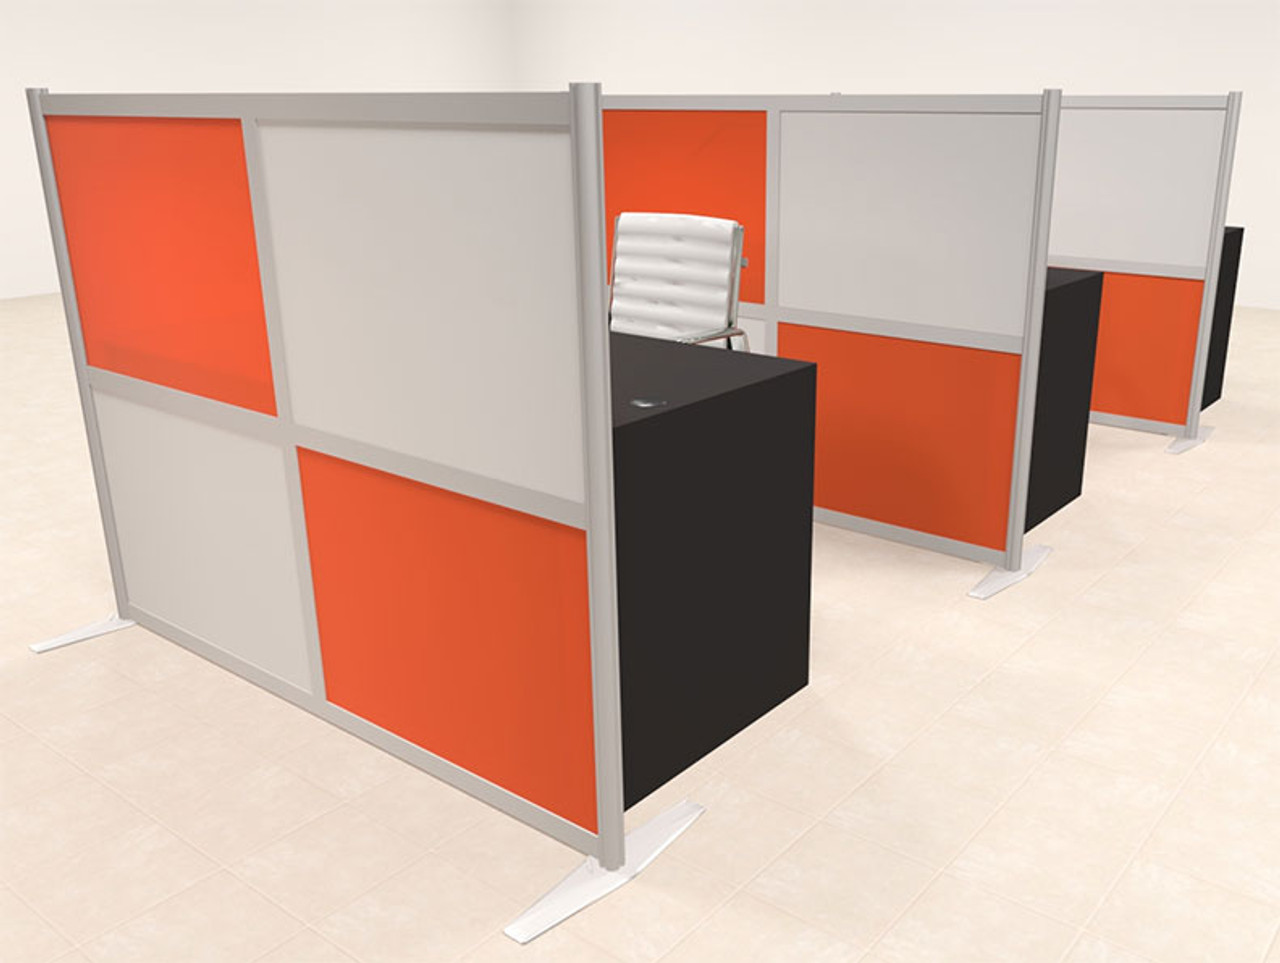 Three Person Workstation w/Acrylic Aluminum Privacy Panel, #OT-SUL-HPO108